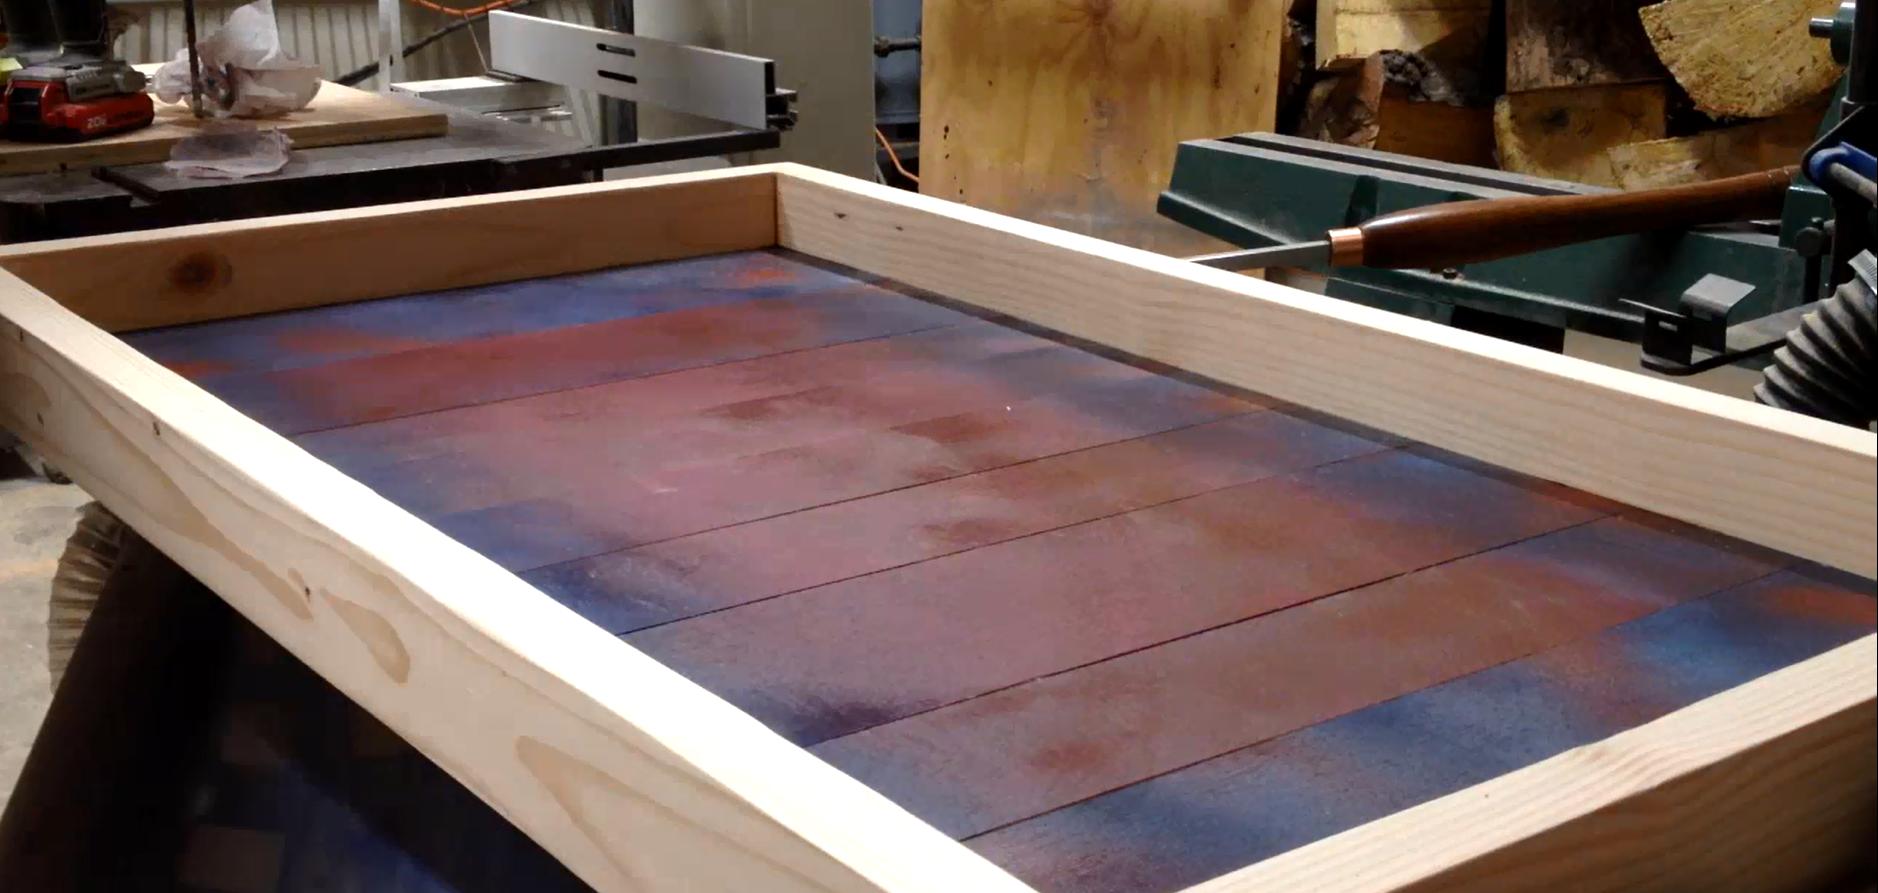 Backer board glued in place